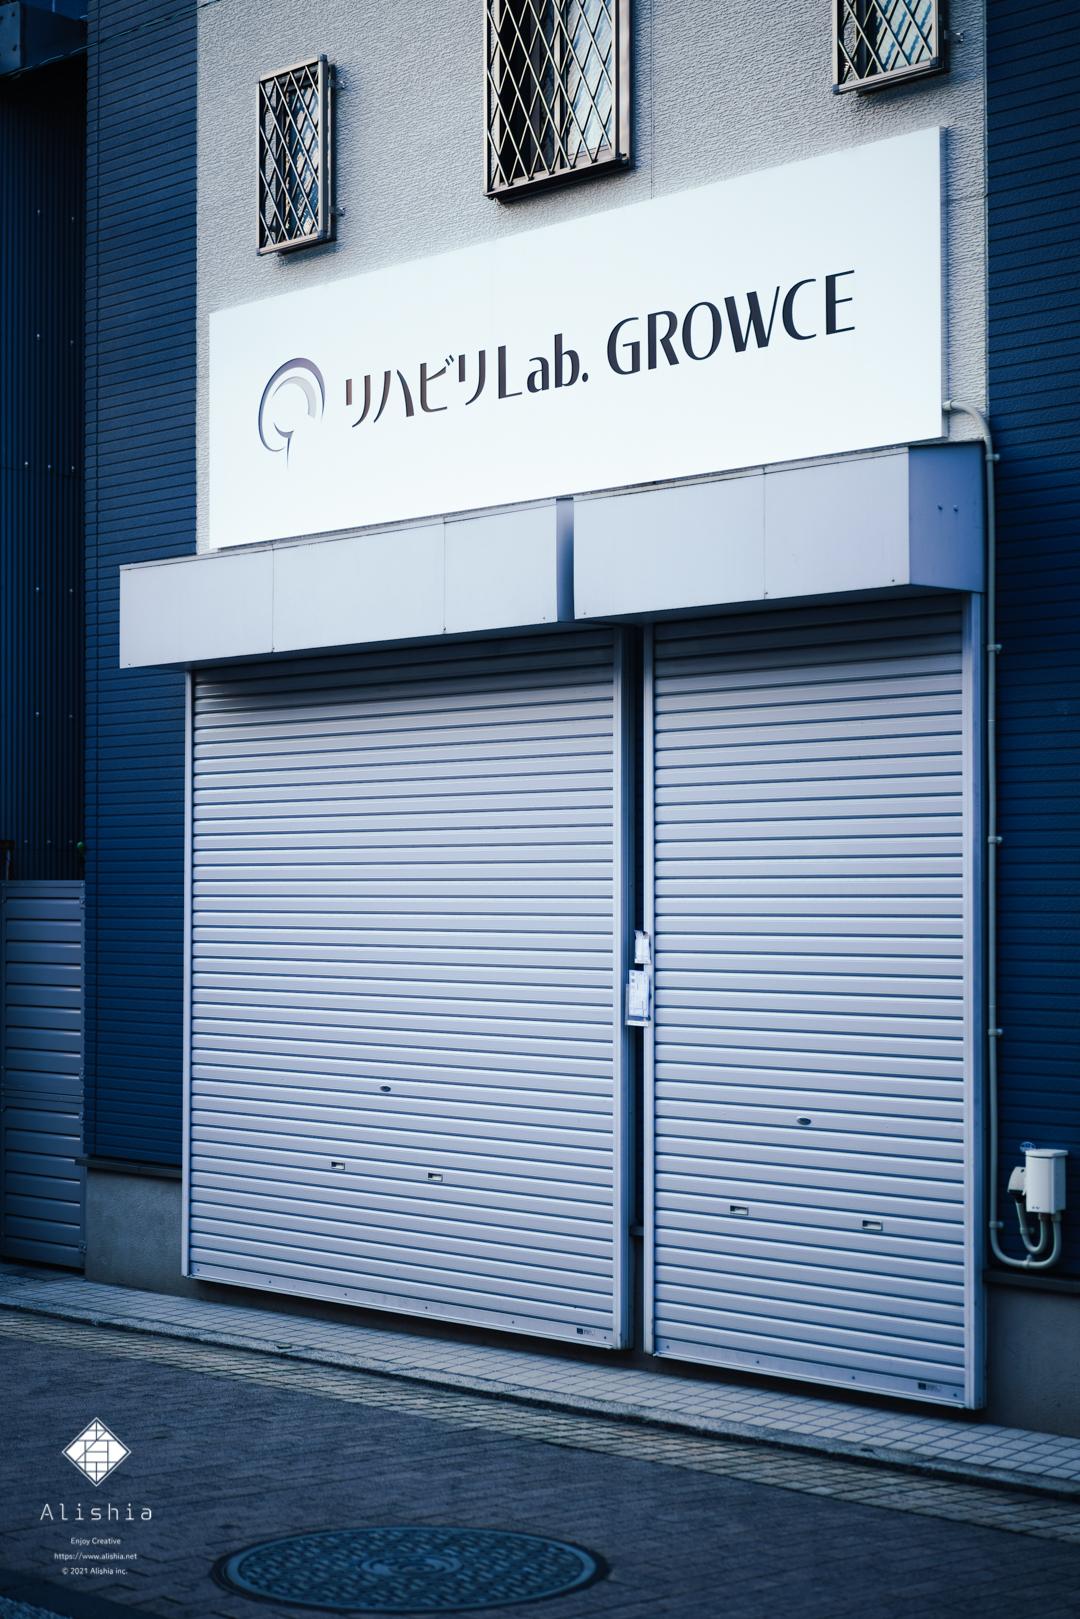 リハビリLab.GROWCE